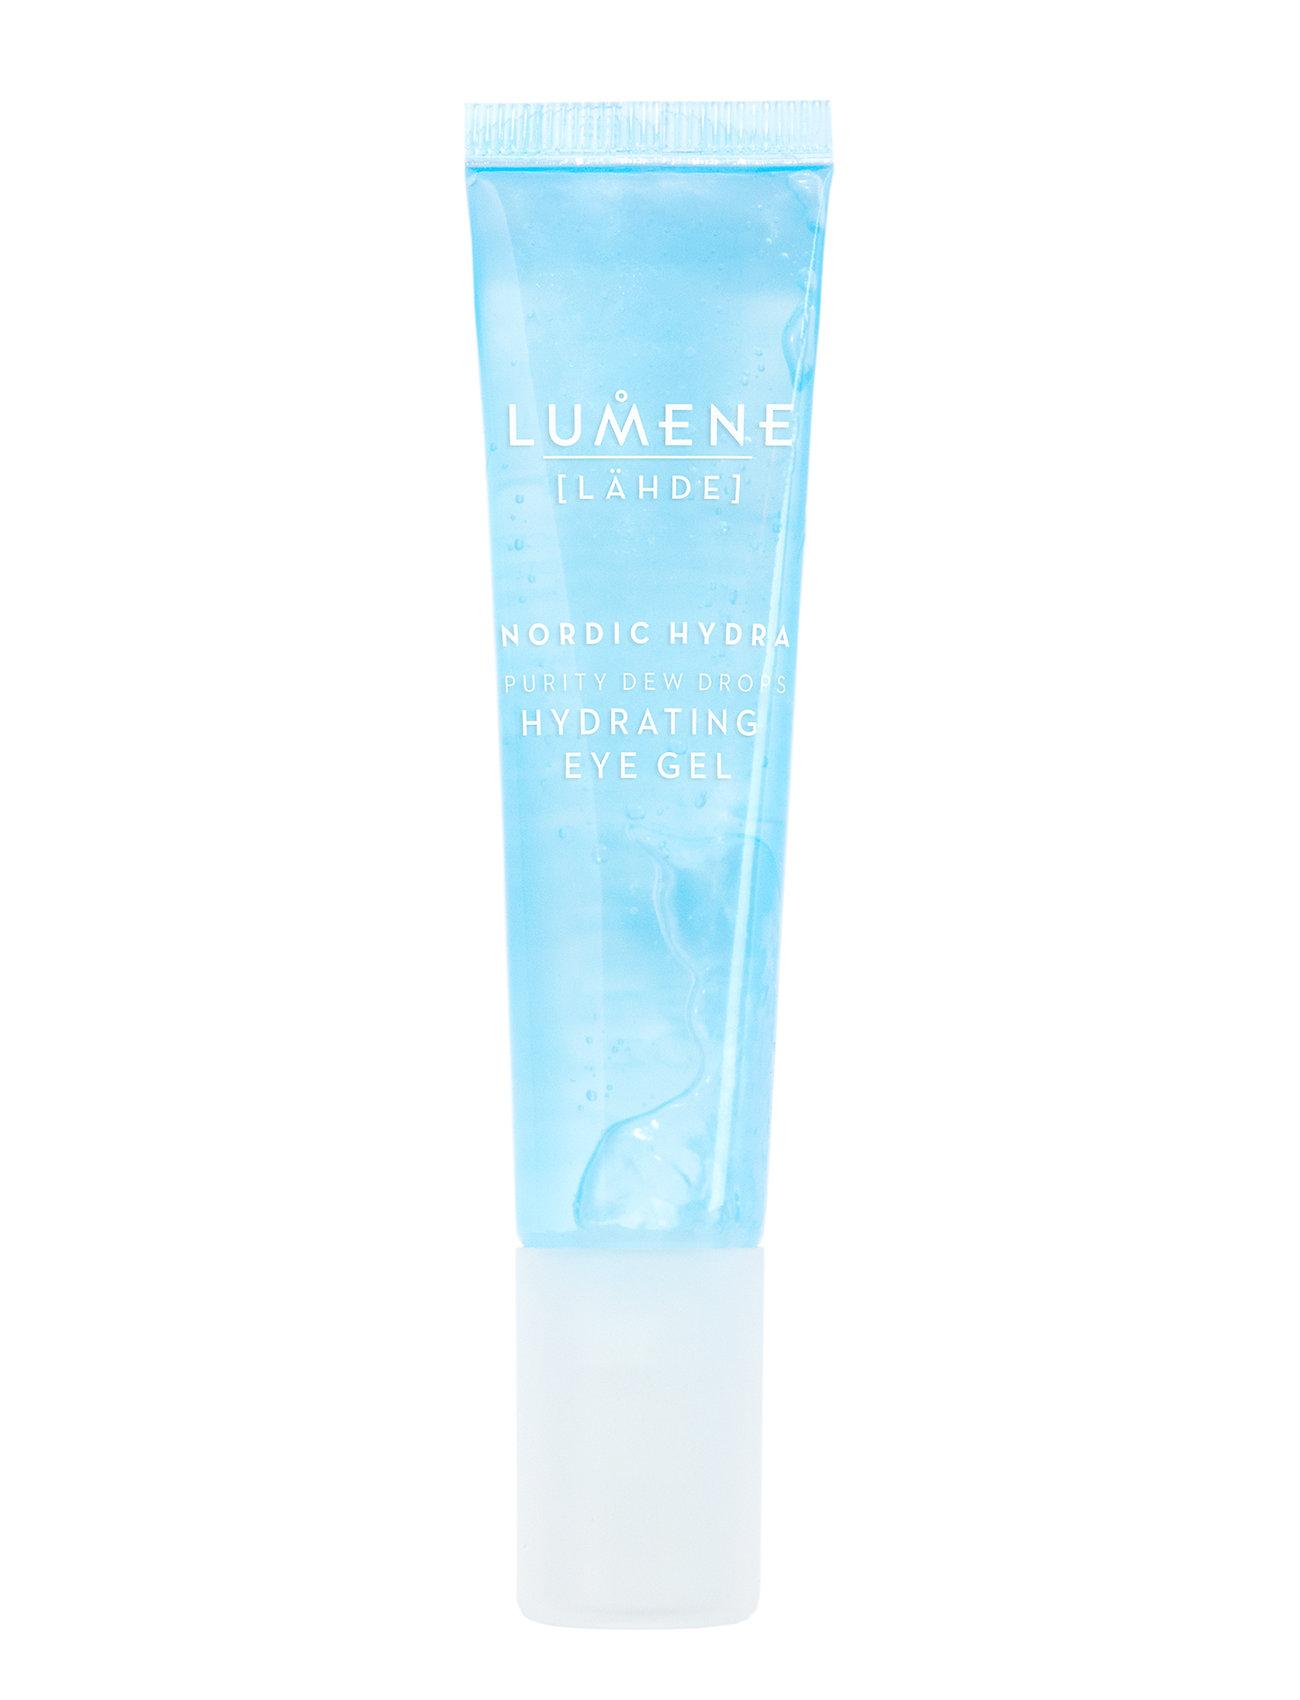 Image of LäHde Nordic Hydra Purity Dew Drops Hydrating Eye Gel Beauty WOMEN Skin Care Face Eye Cream Nude LUMENE (3075042537)